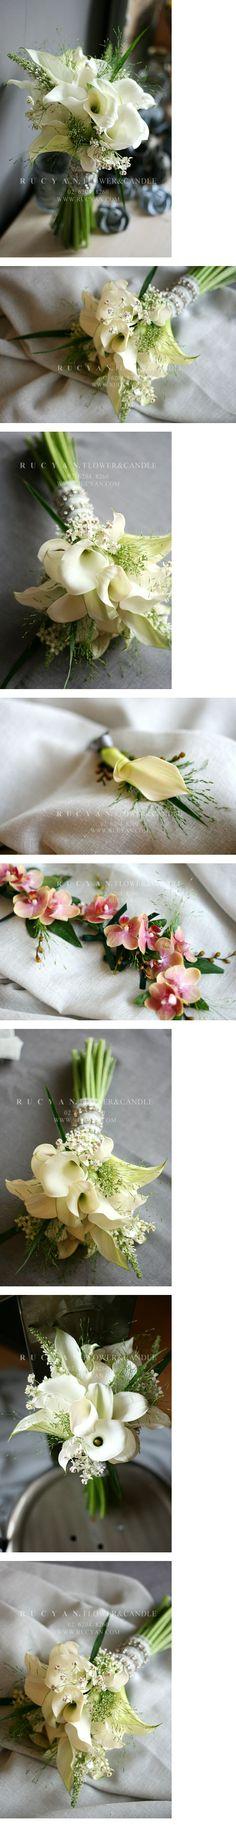 플라워 컴퍼니, 루시안(RUCYAN) - 갤러리 [카라 웨딩부케,신부부케,브라이덜부케(Wedding,Bridal Bouquet)_루시안(RUCYAN)/강남서초동교대역남부터미..]